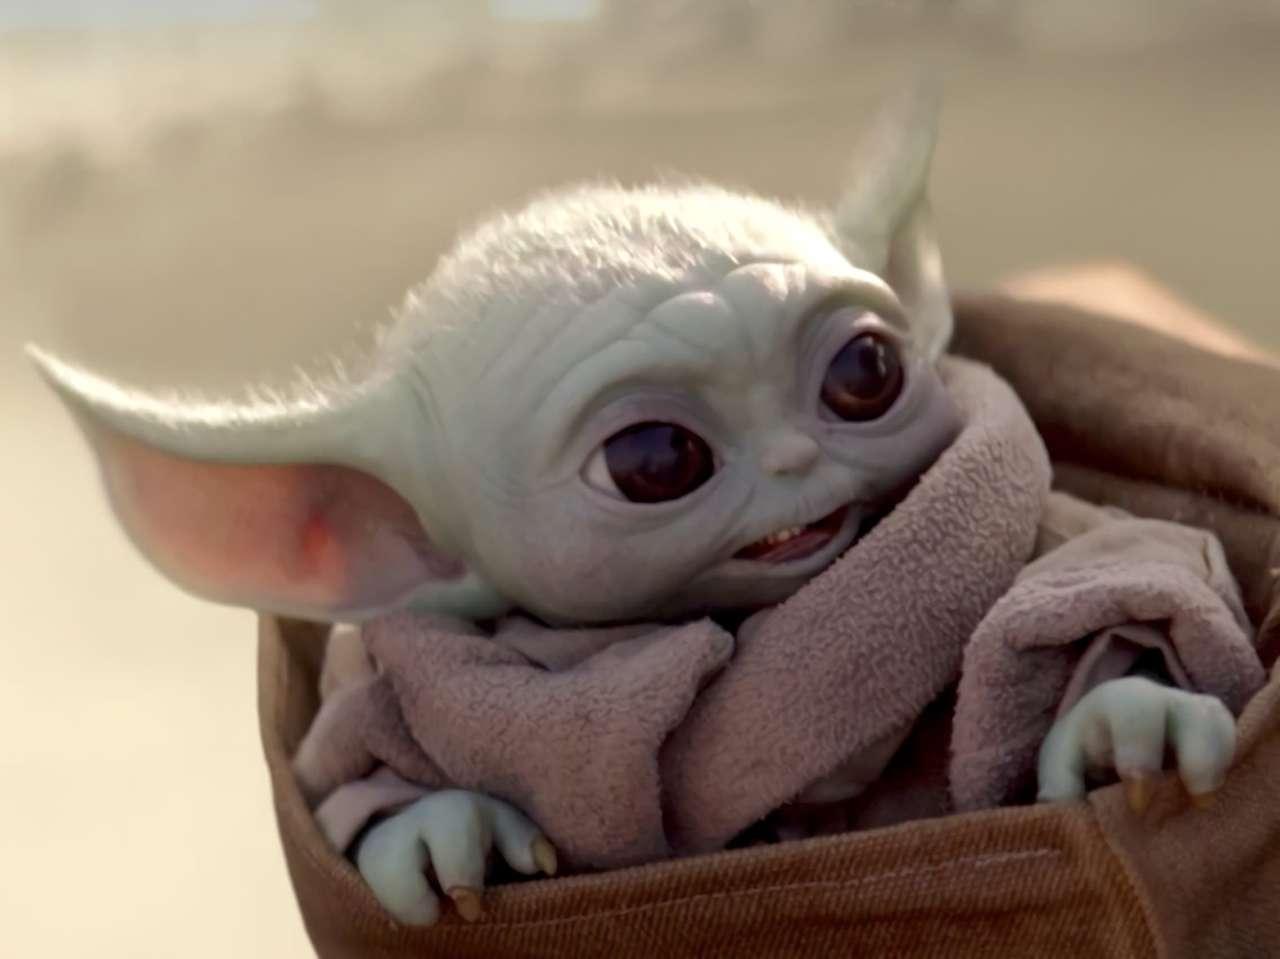 Bébé yoda - Baby Yoda est le plus mignon de Star Wars (8×6)